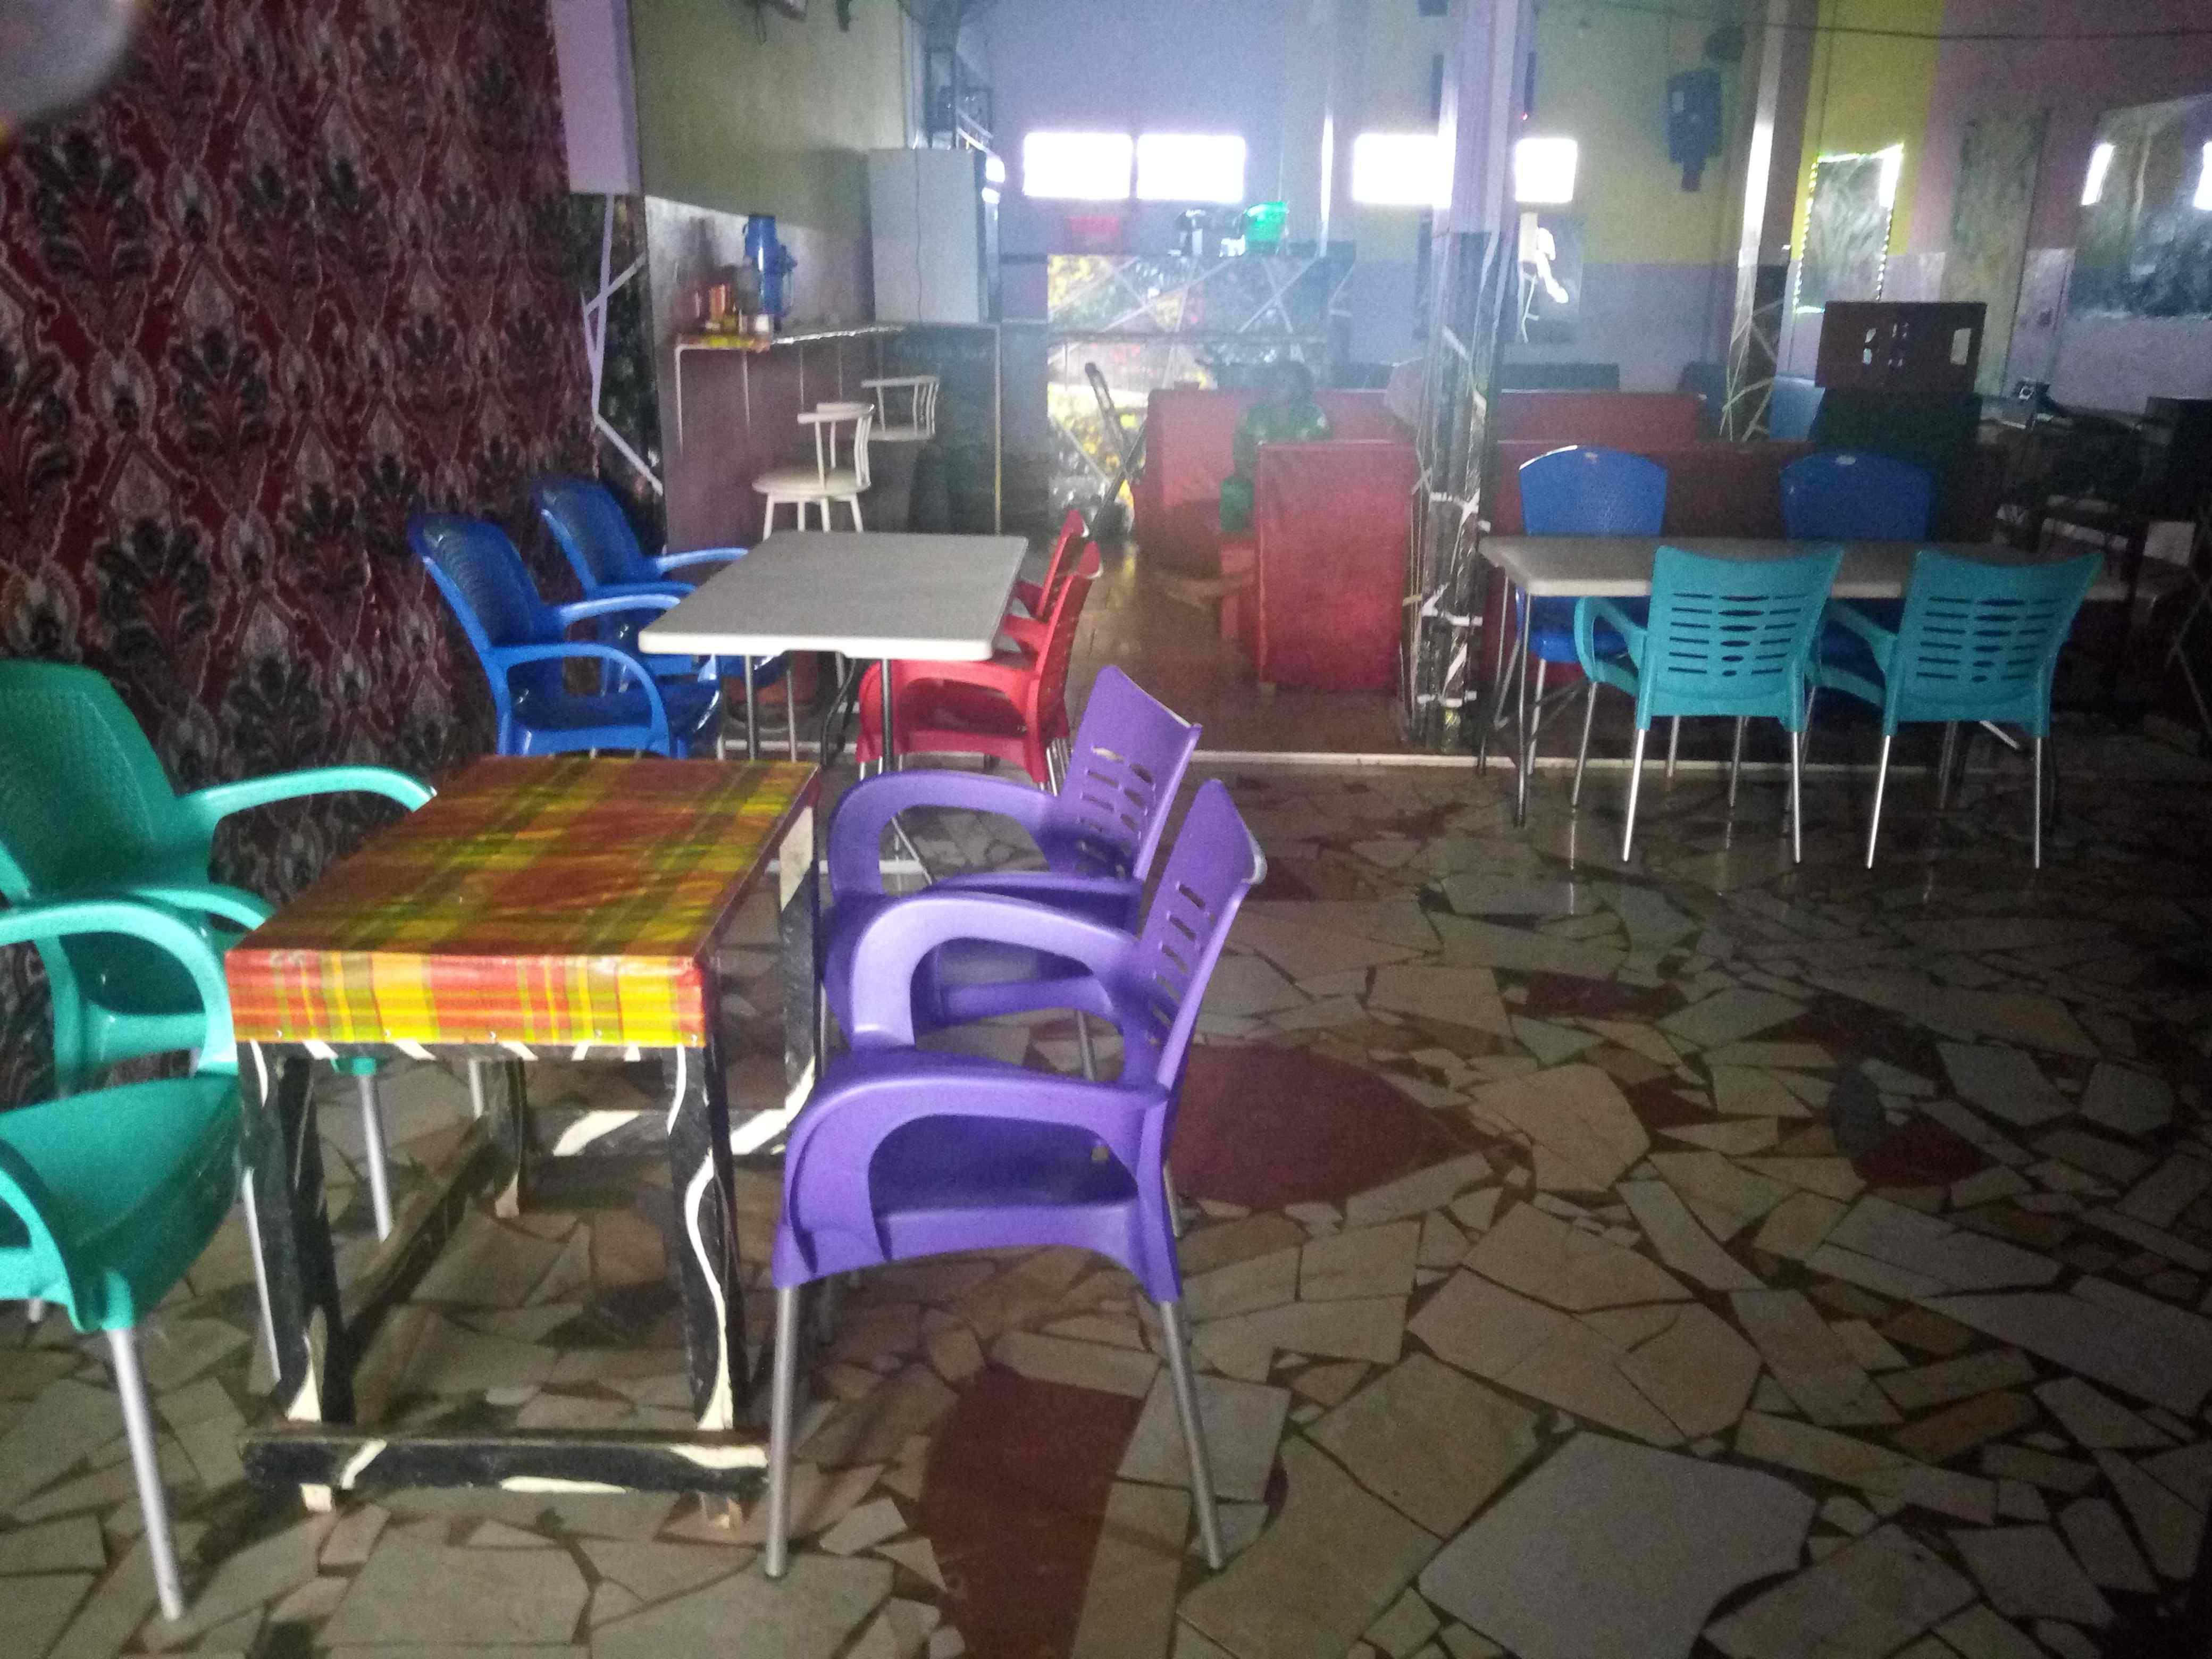 Bureaux & commerces fonds de commerce yaoundé au cameroun